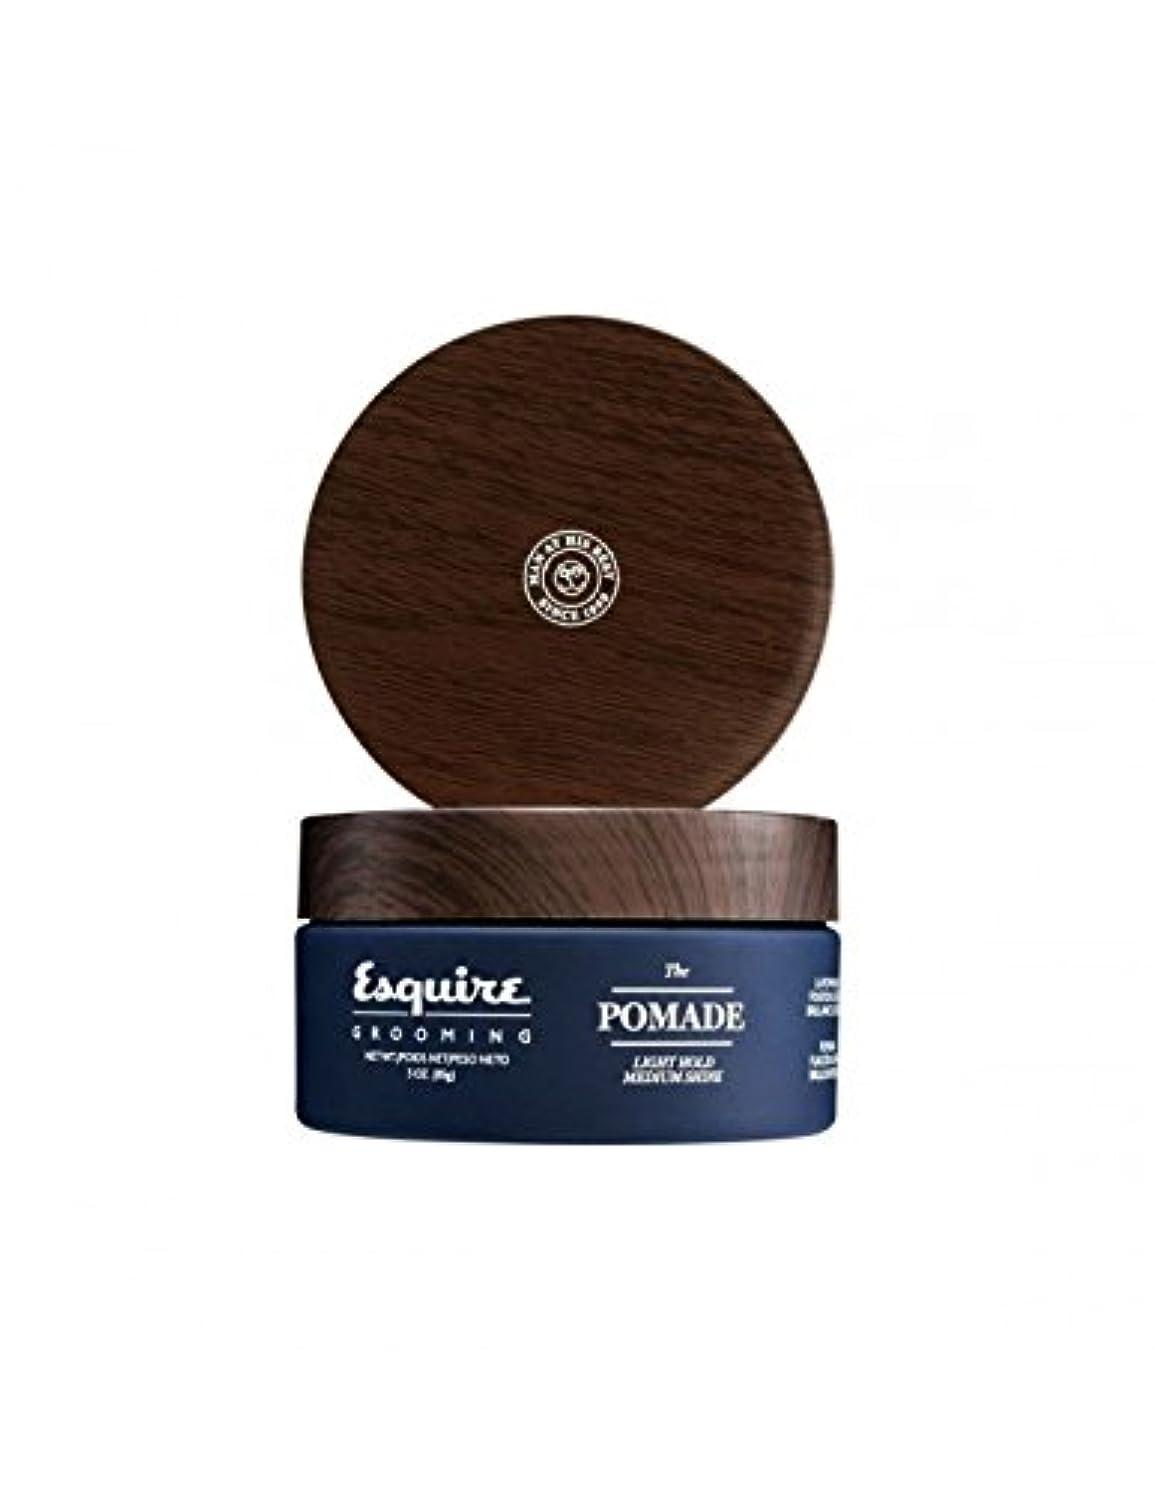 アンソロジー炎上むしろCHI Esquire Grooming The Pomade (Light Hold, Medium Shine) 85g/3oz並行輸入品